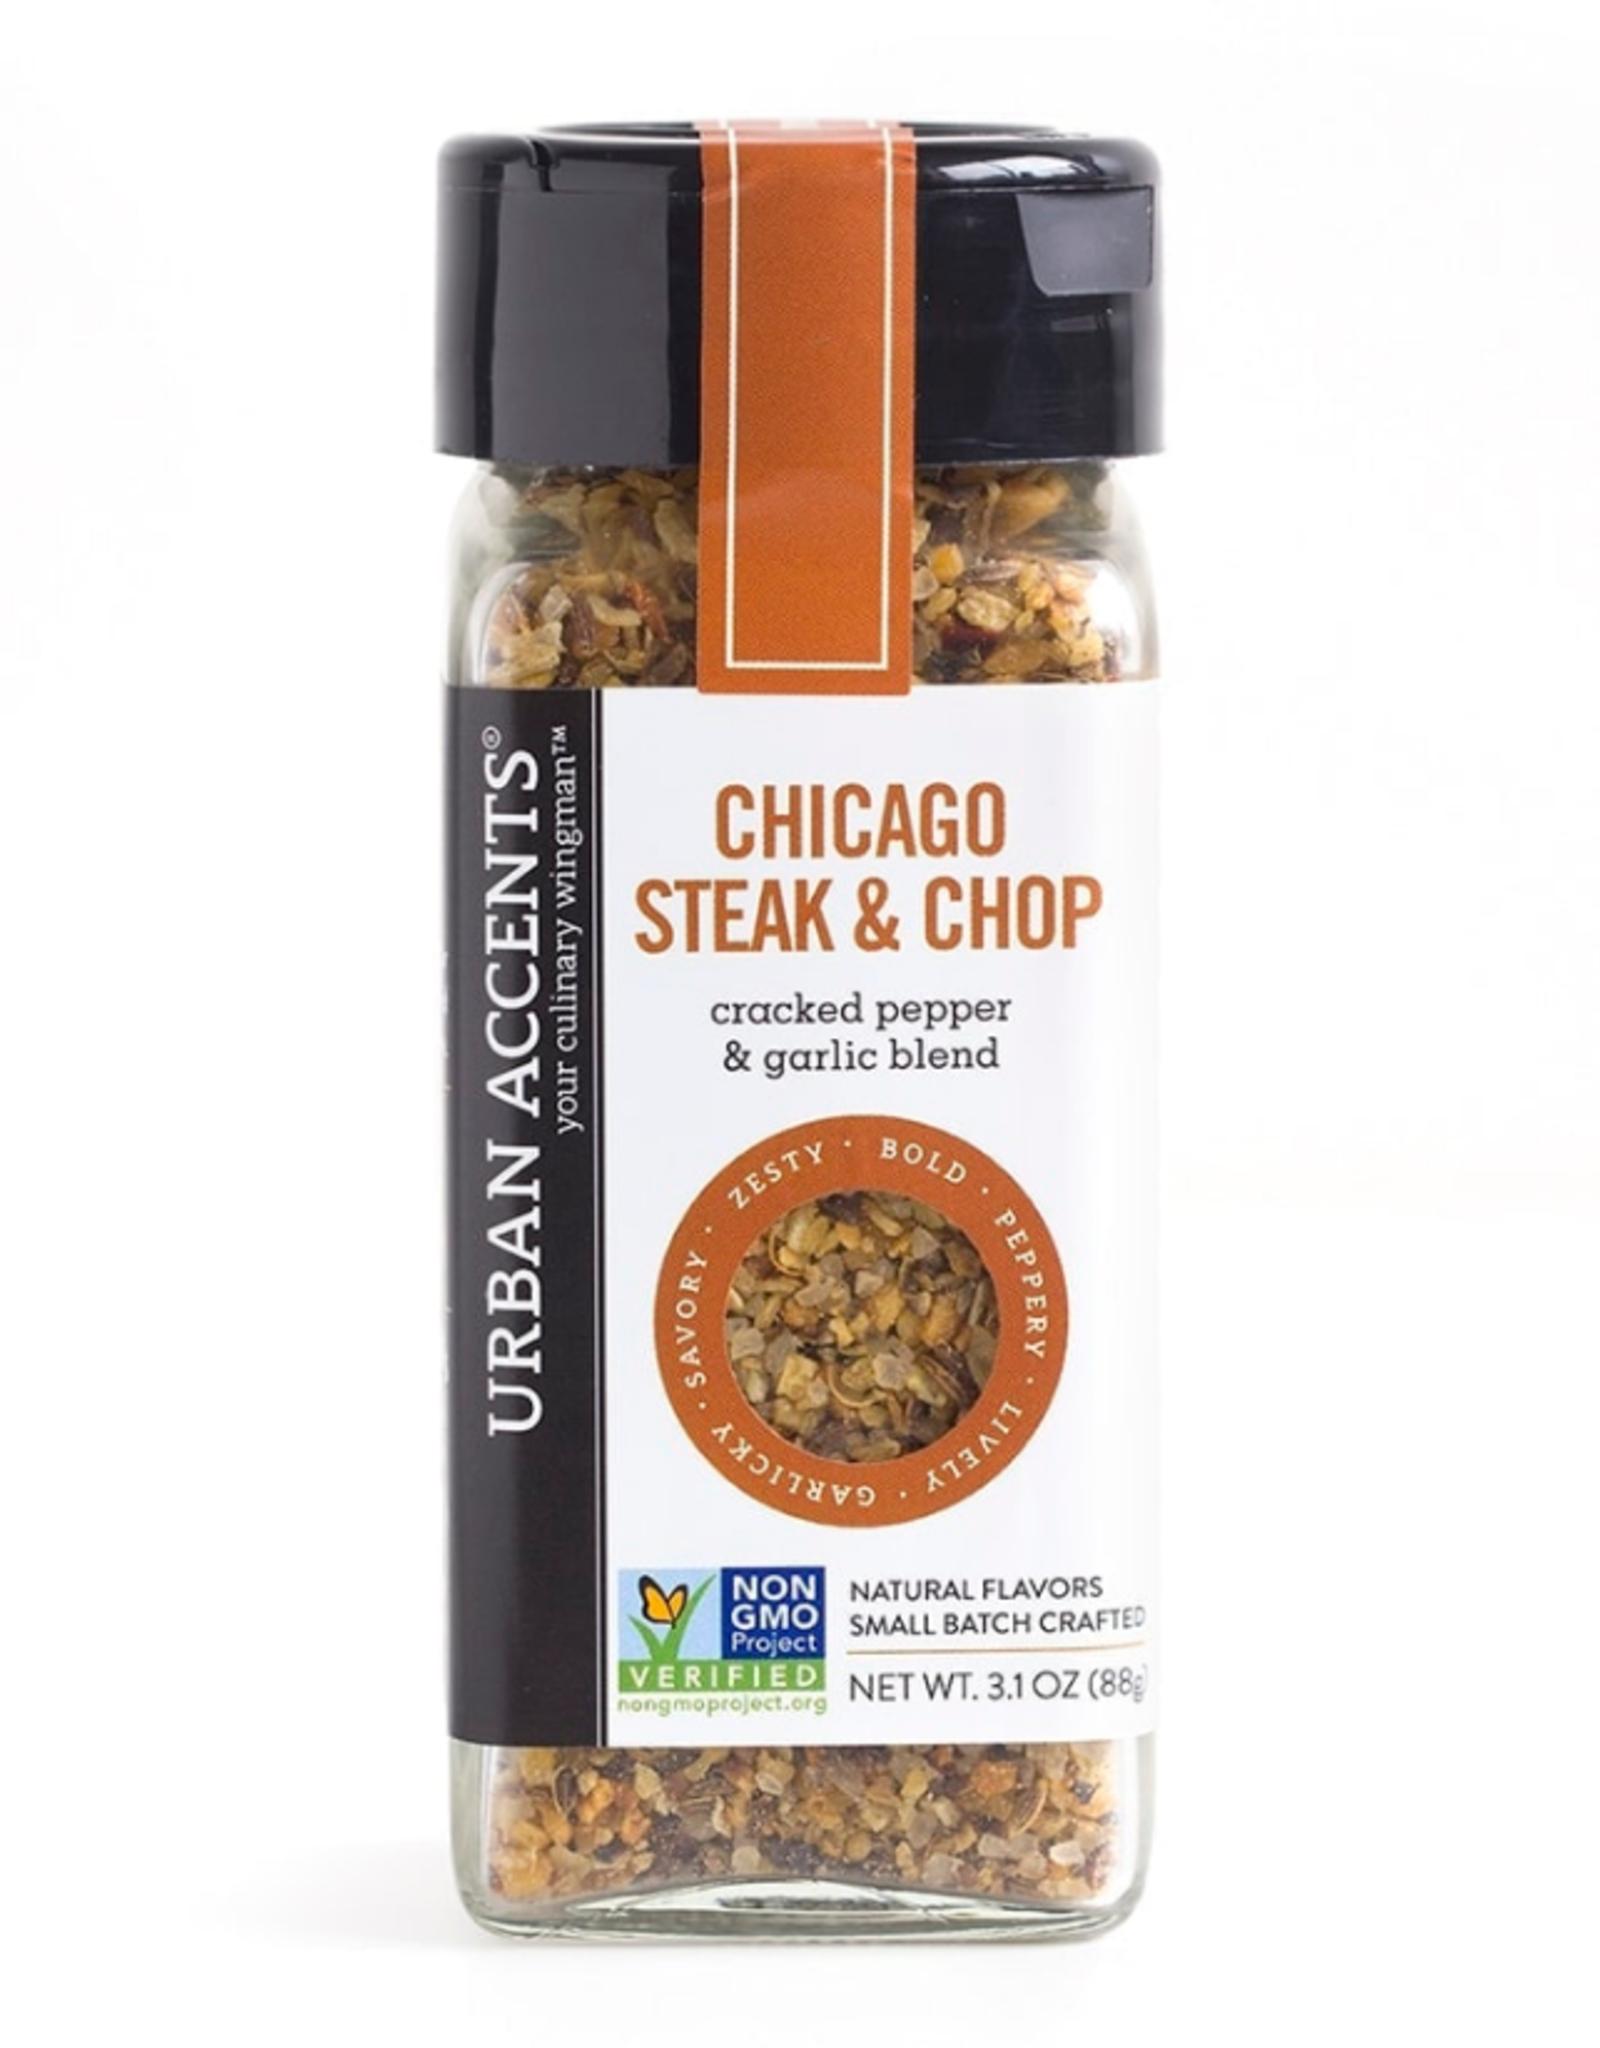 Urban Accents Chicago Steak & Chop